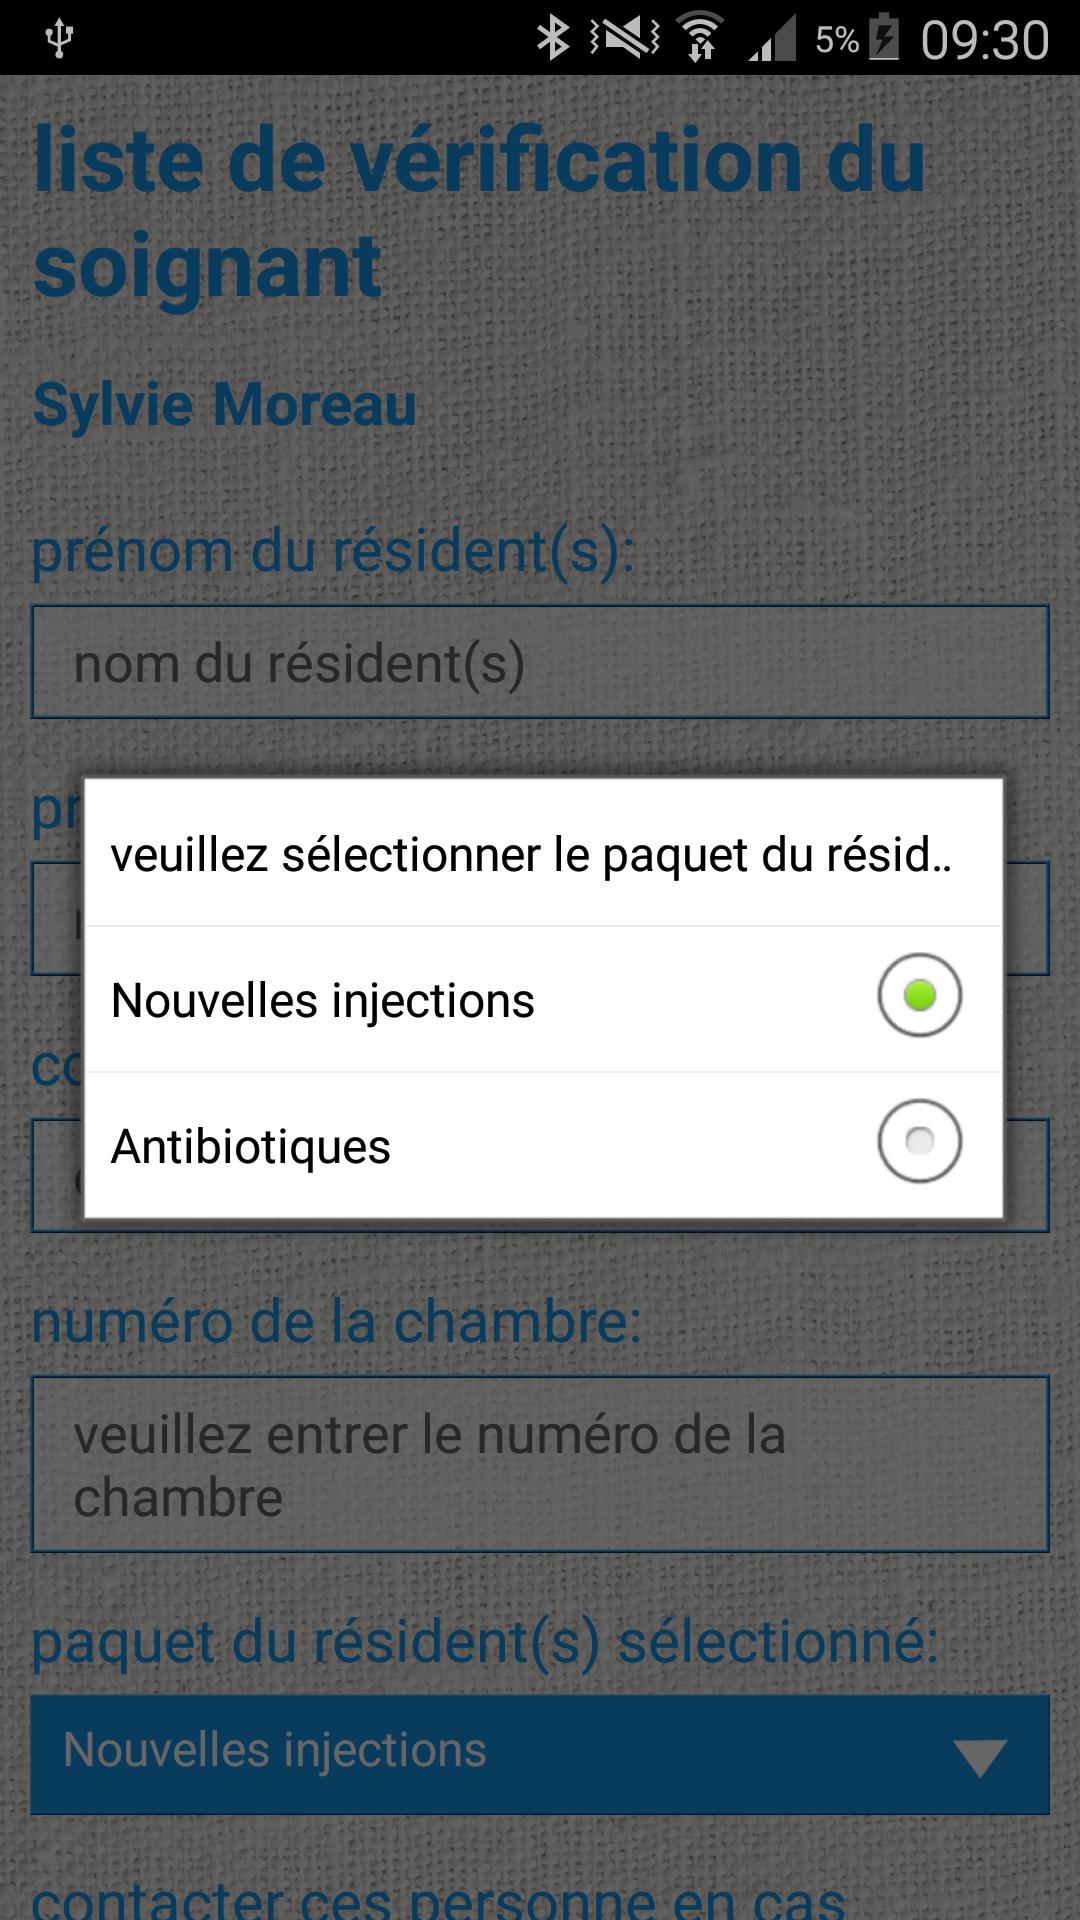 ginstr_app_careGiverChecklist_FR_06